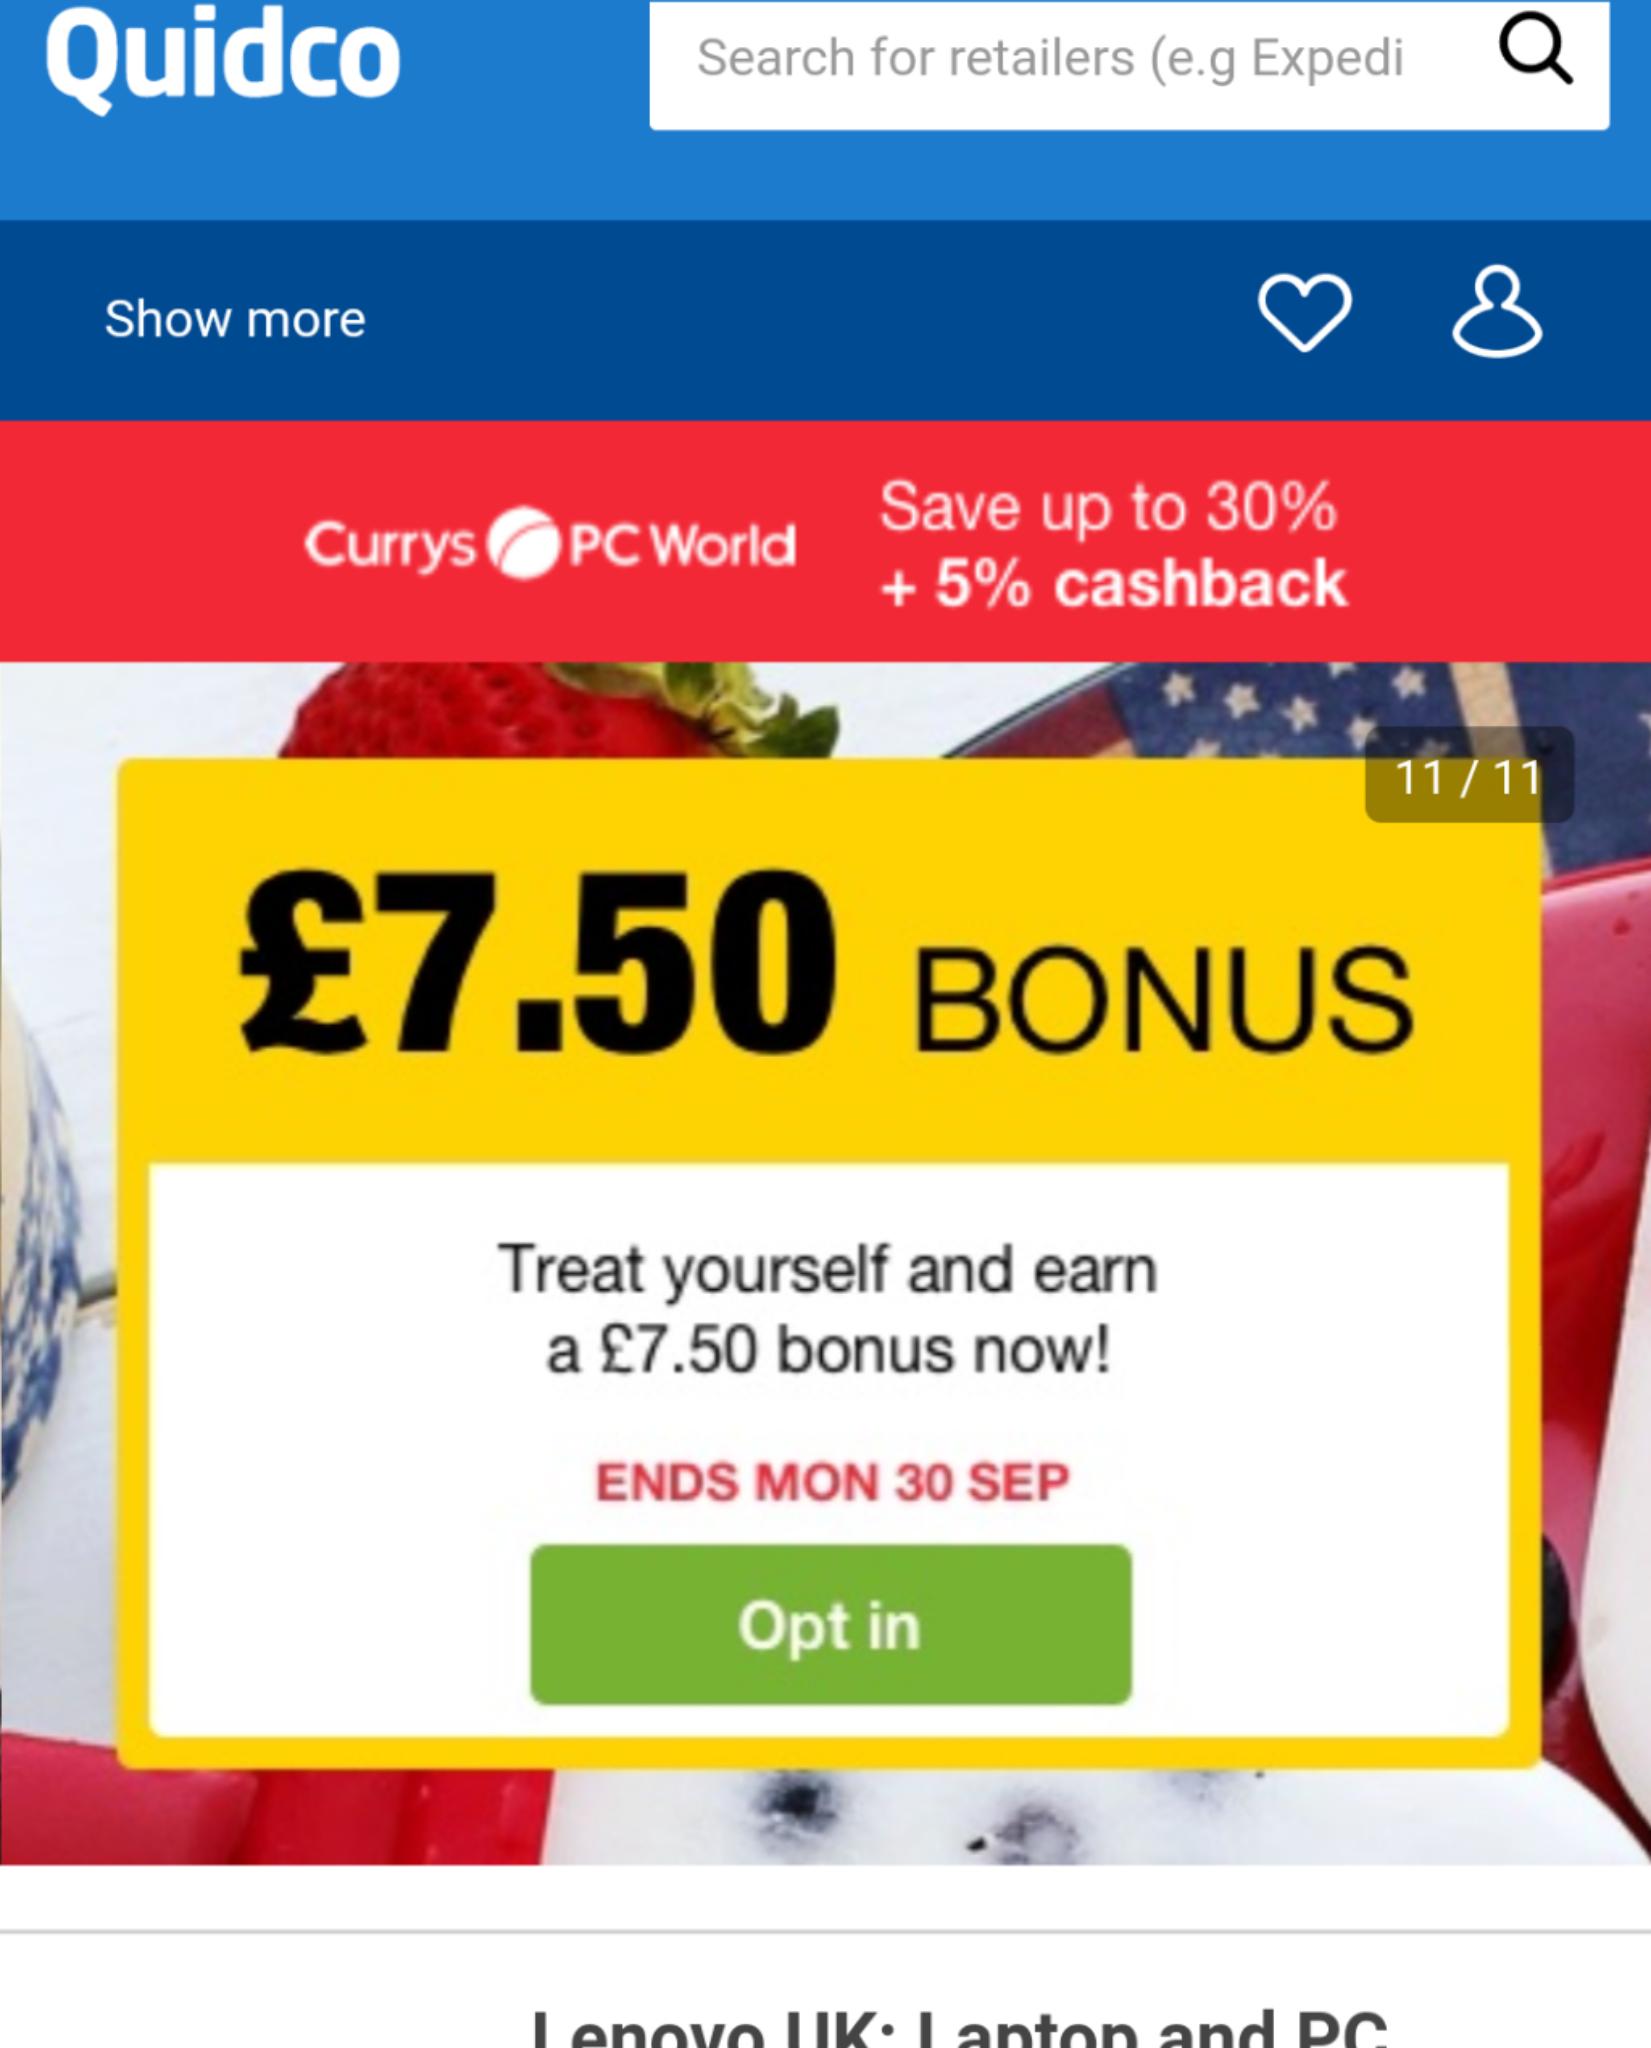 Quidco bonus opt-in: spend £7 50, receive £7 50 back